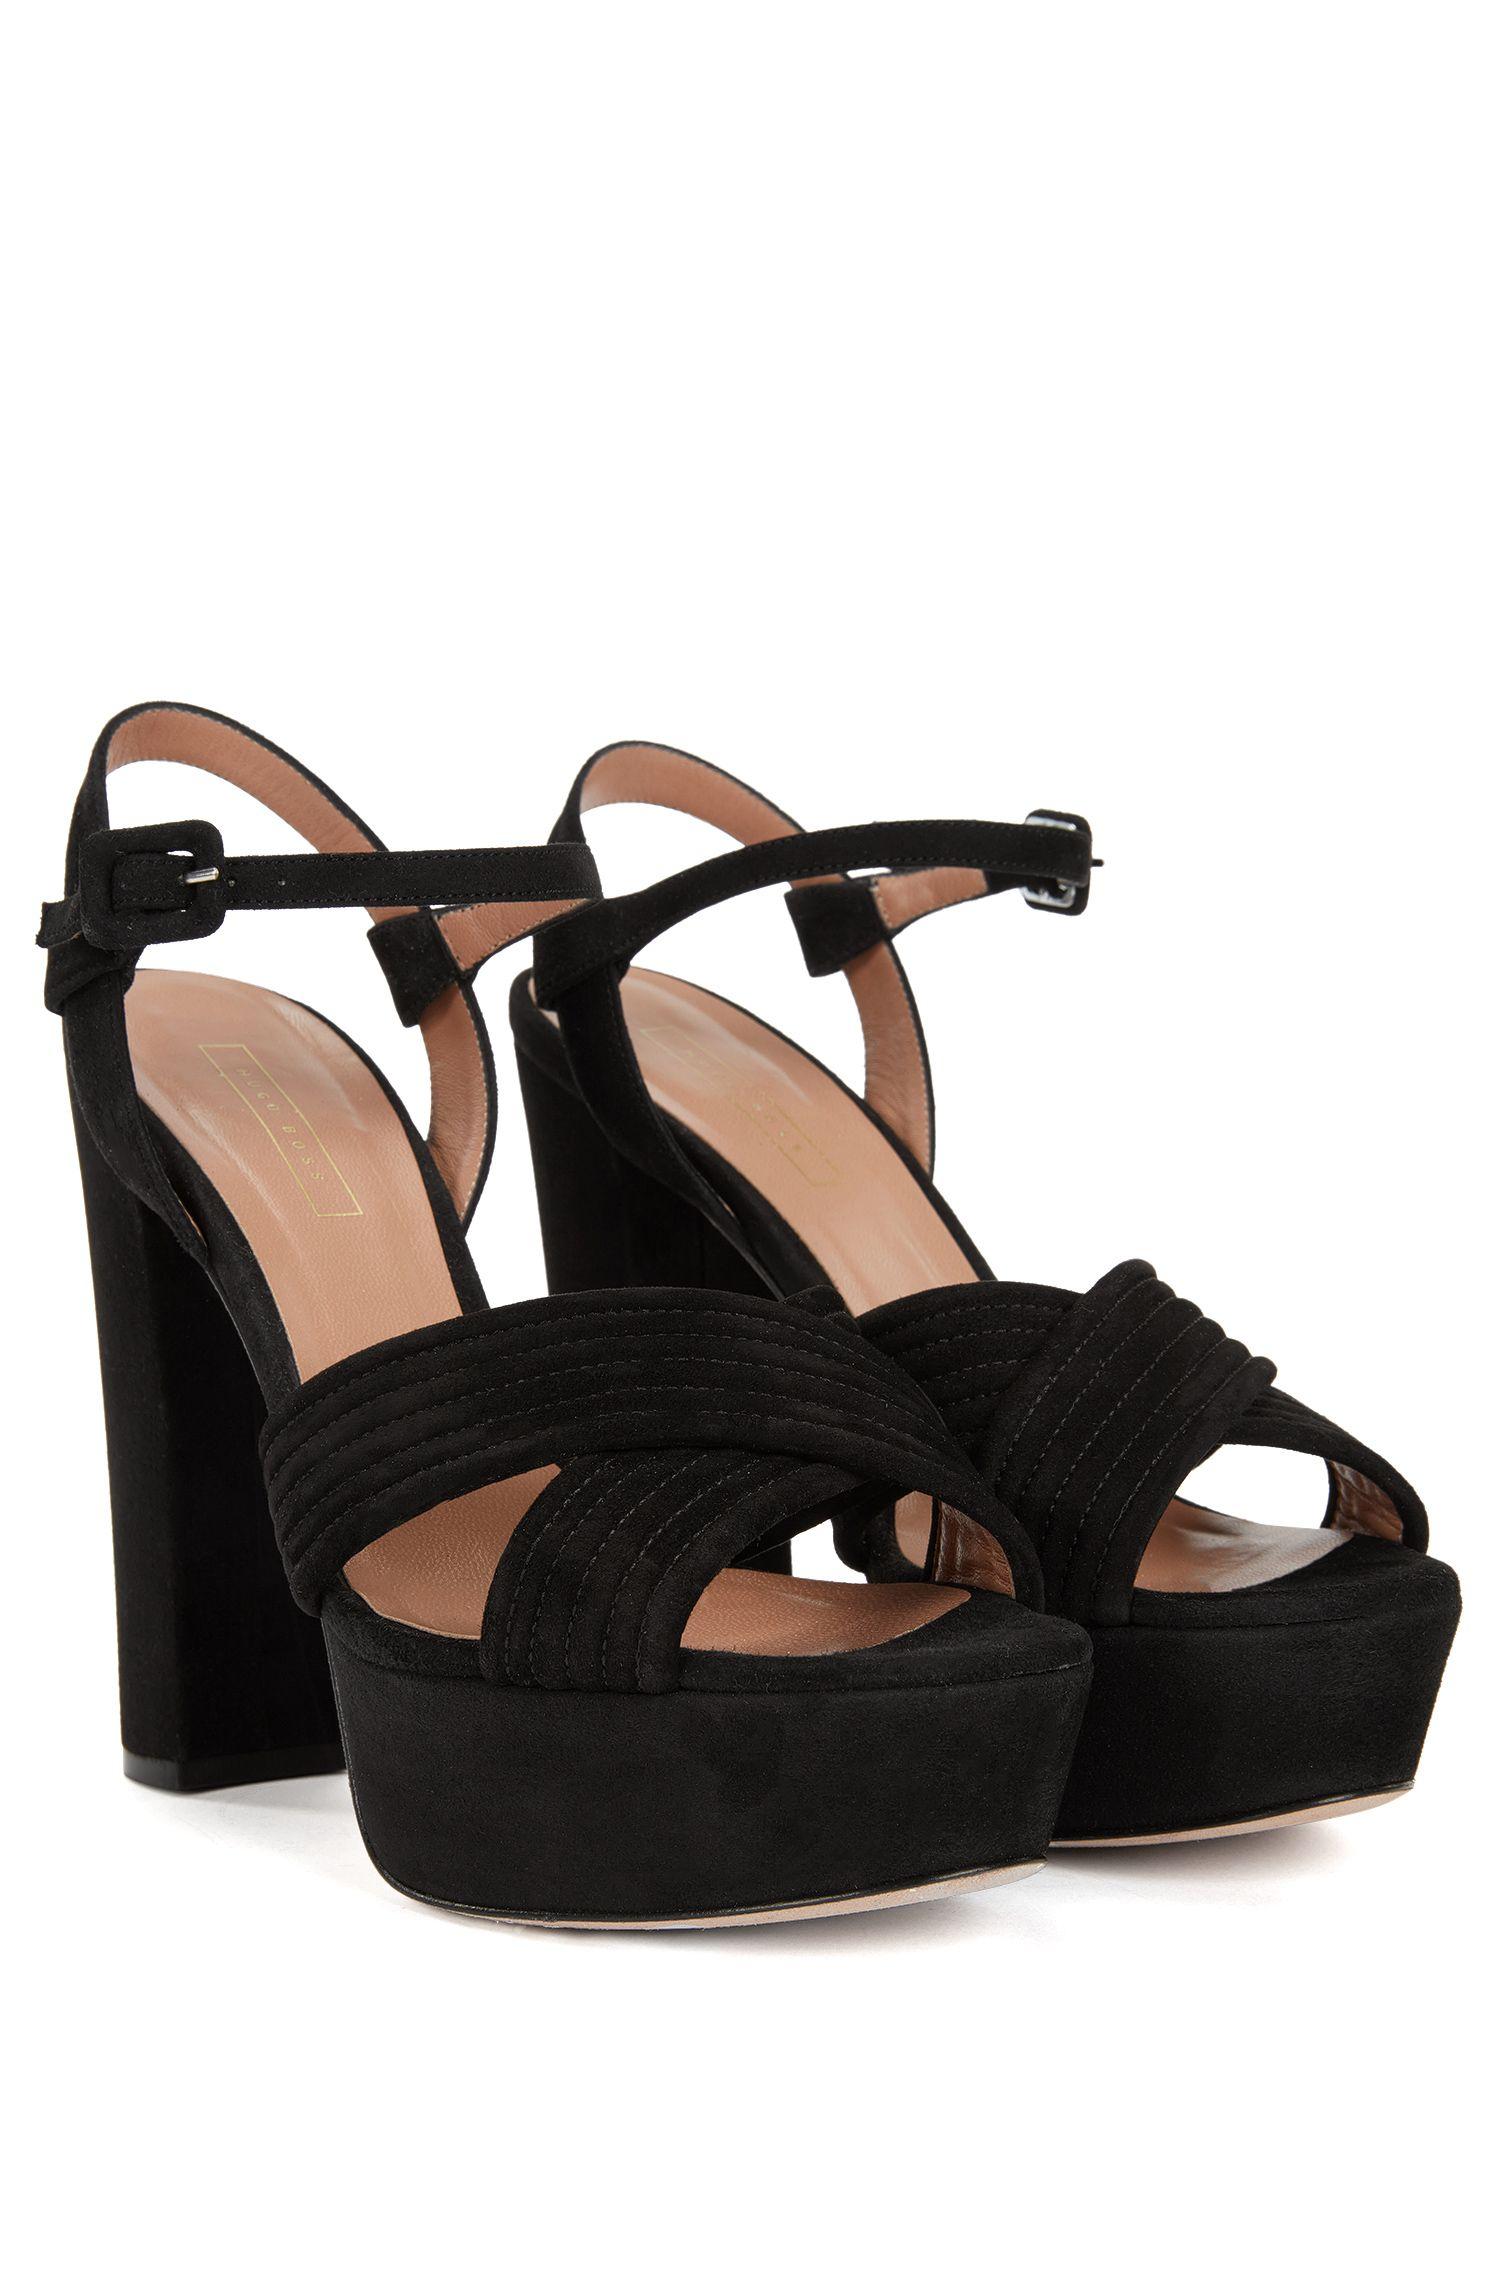 Suede Platform Sandal | Scarlett Platform S, Black